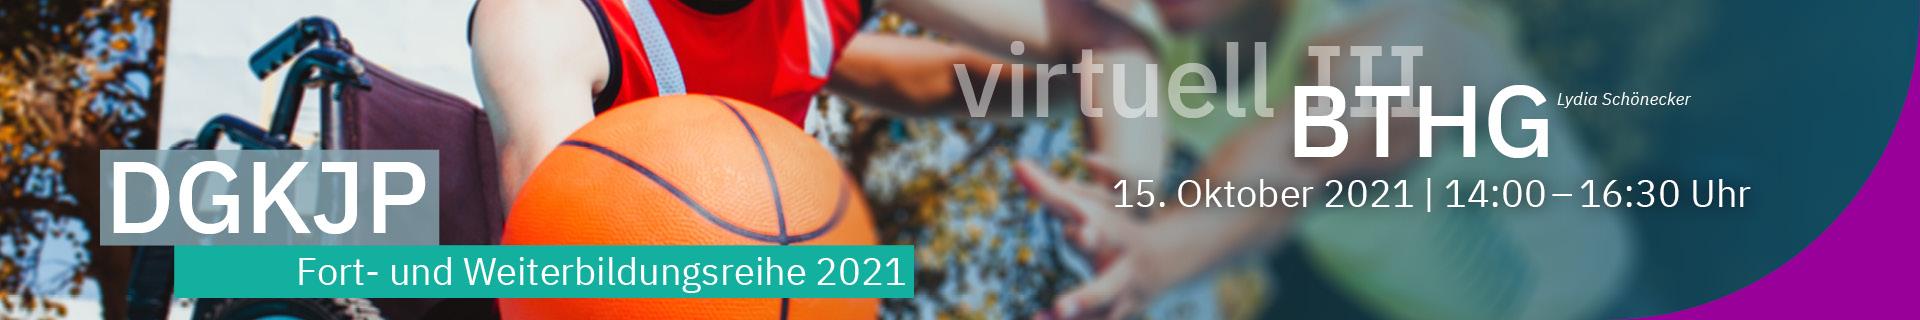 DGKJP_2021_virtuell-III_1920x320px